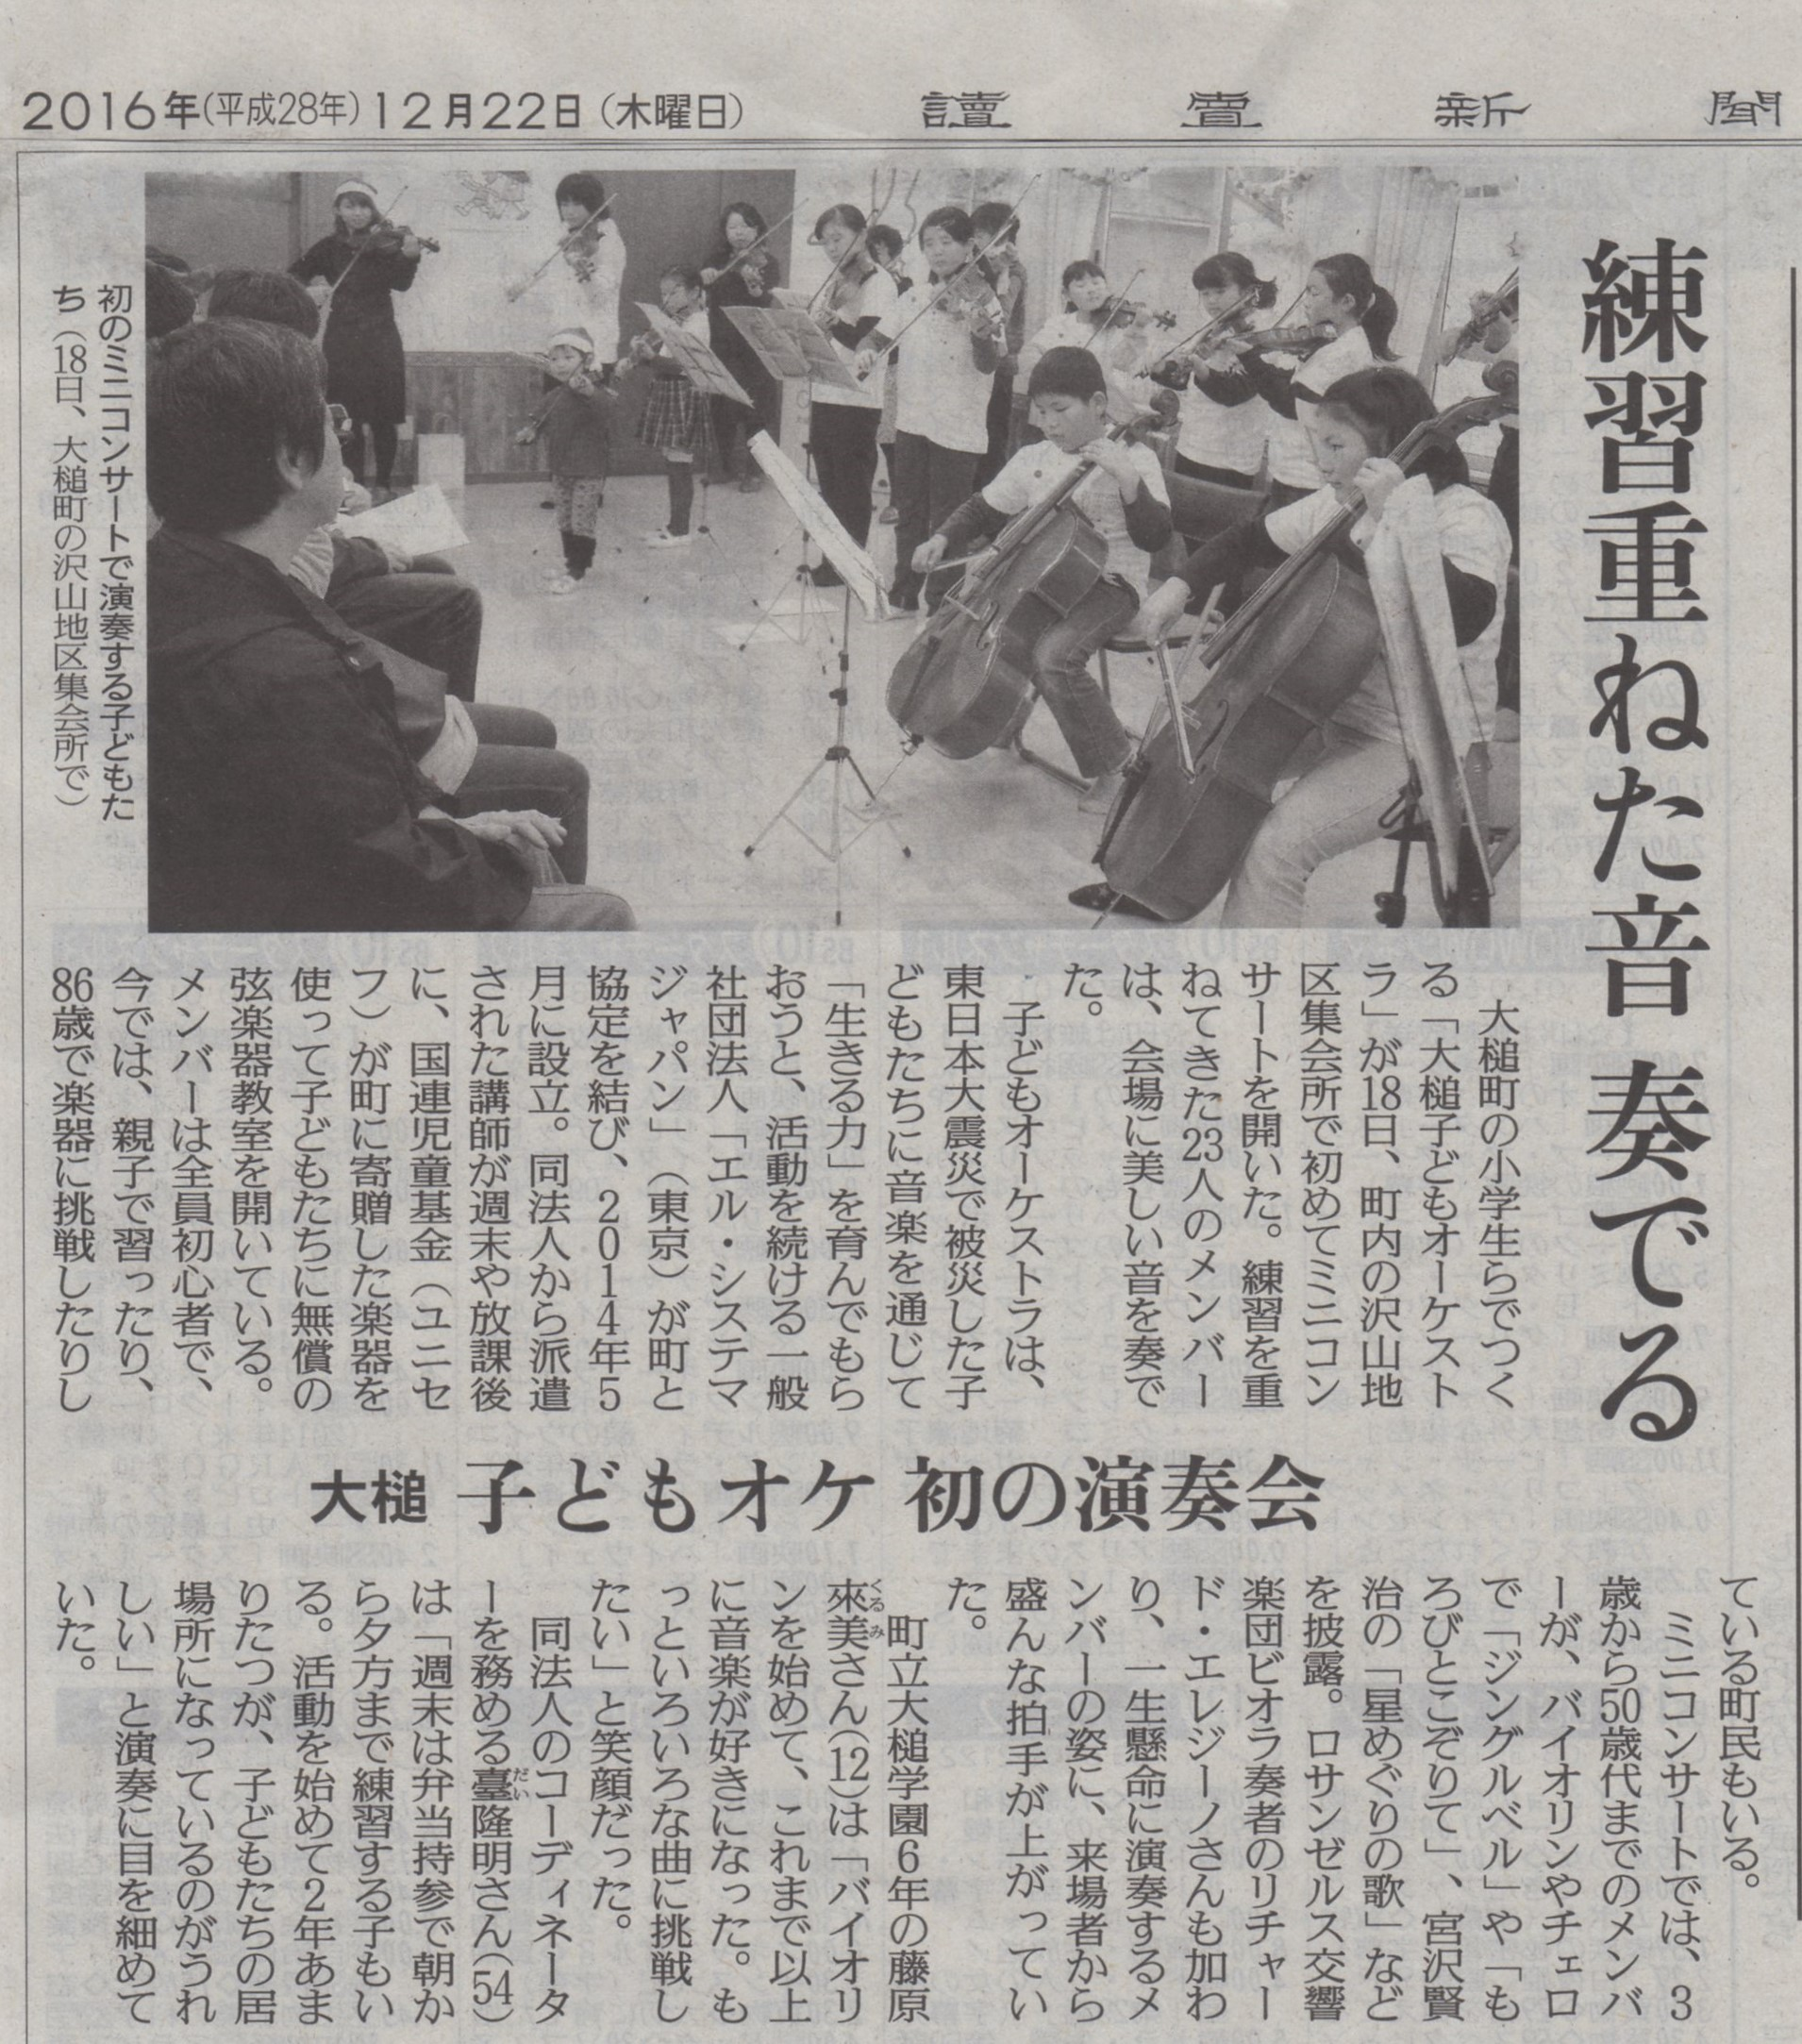 20161222 読売新聞(大槌ミニコンサート)